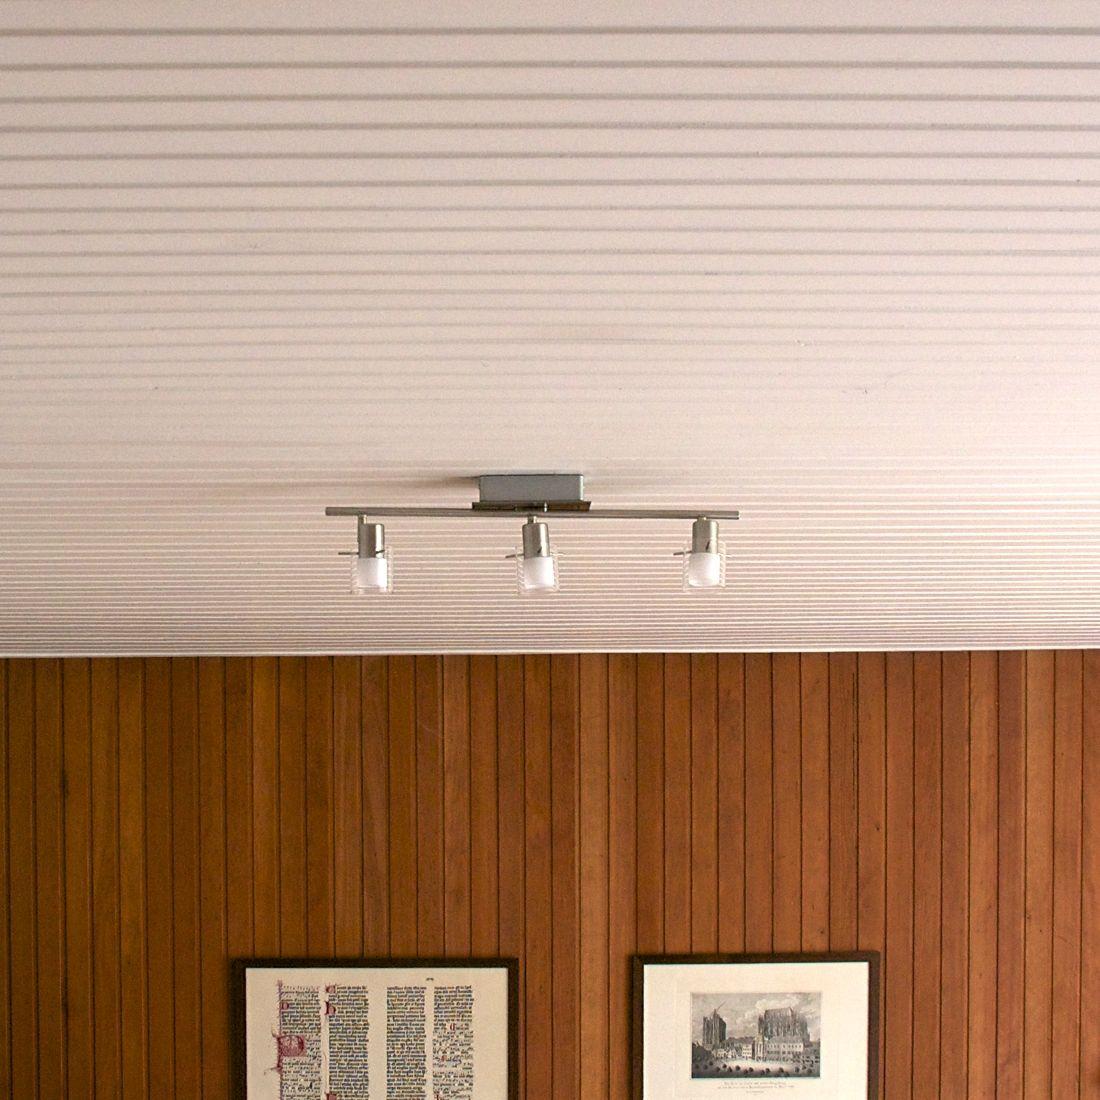 holzdecke selbst streichen schritt f r schritt future home pinterest holzdecke schritt. Black Bedroom Furniture Sets. Home Design Ideas